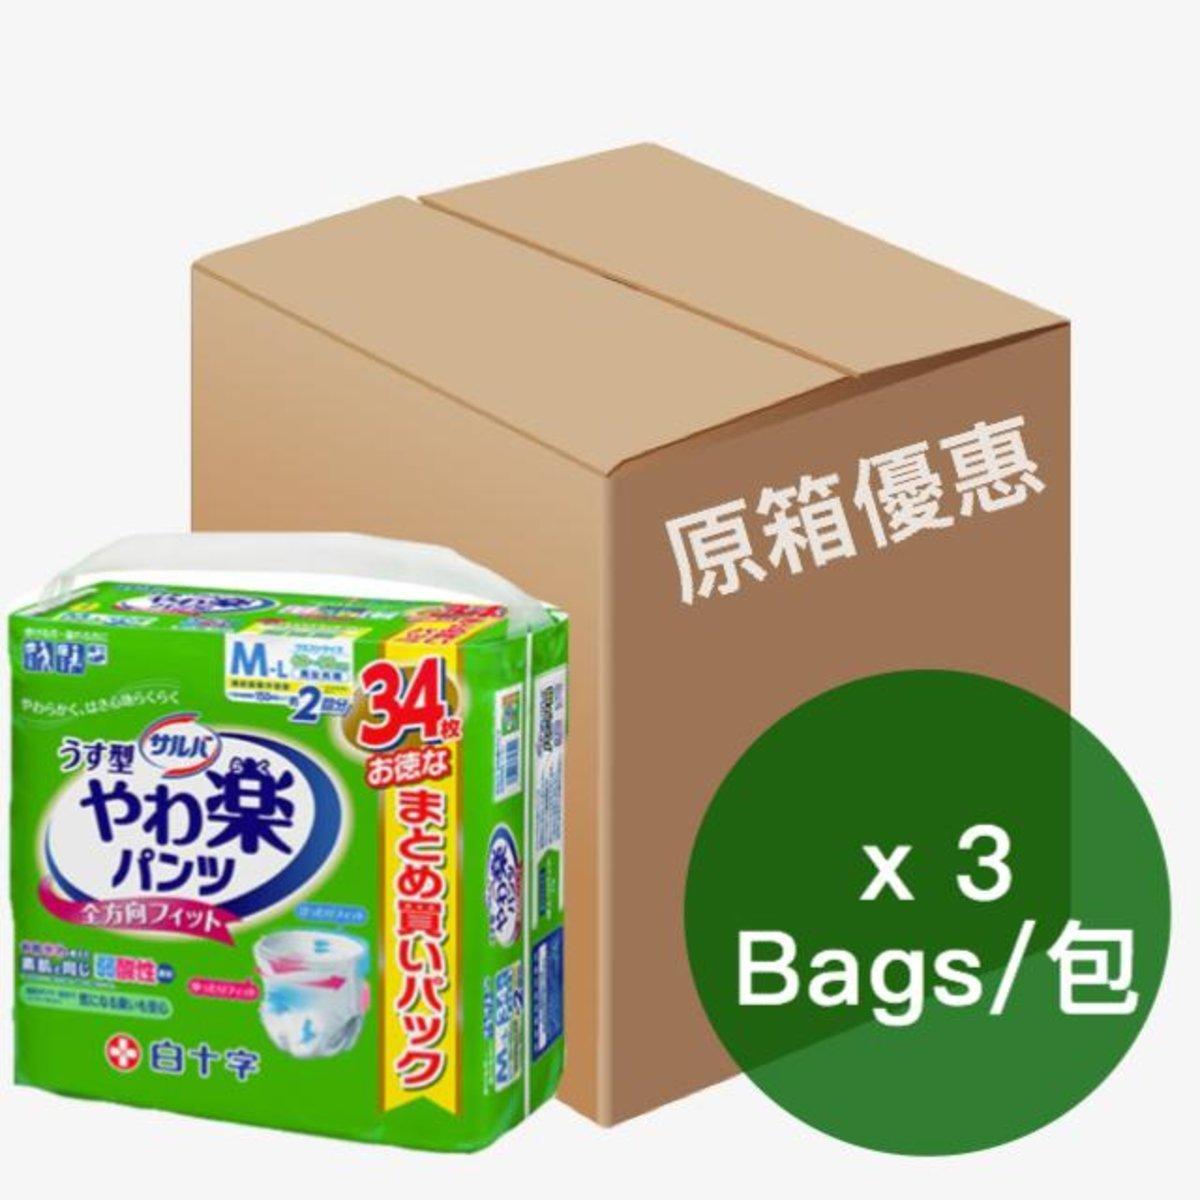 日本喜舒樂成人紙尿褲-中碼(薄裝) (34片/包)(3包/箱) 01010238 x3